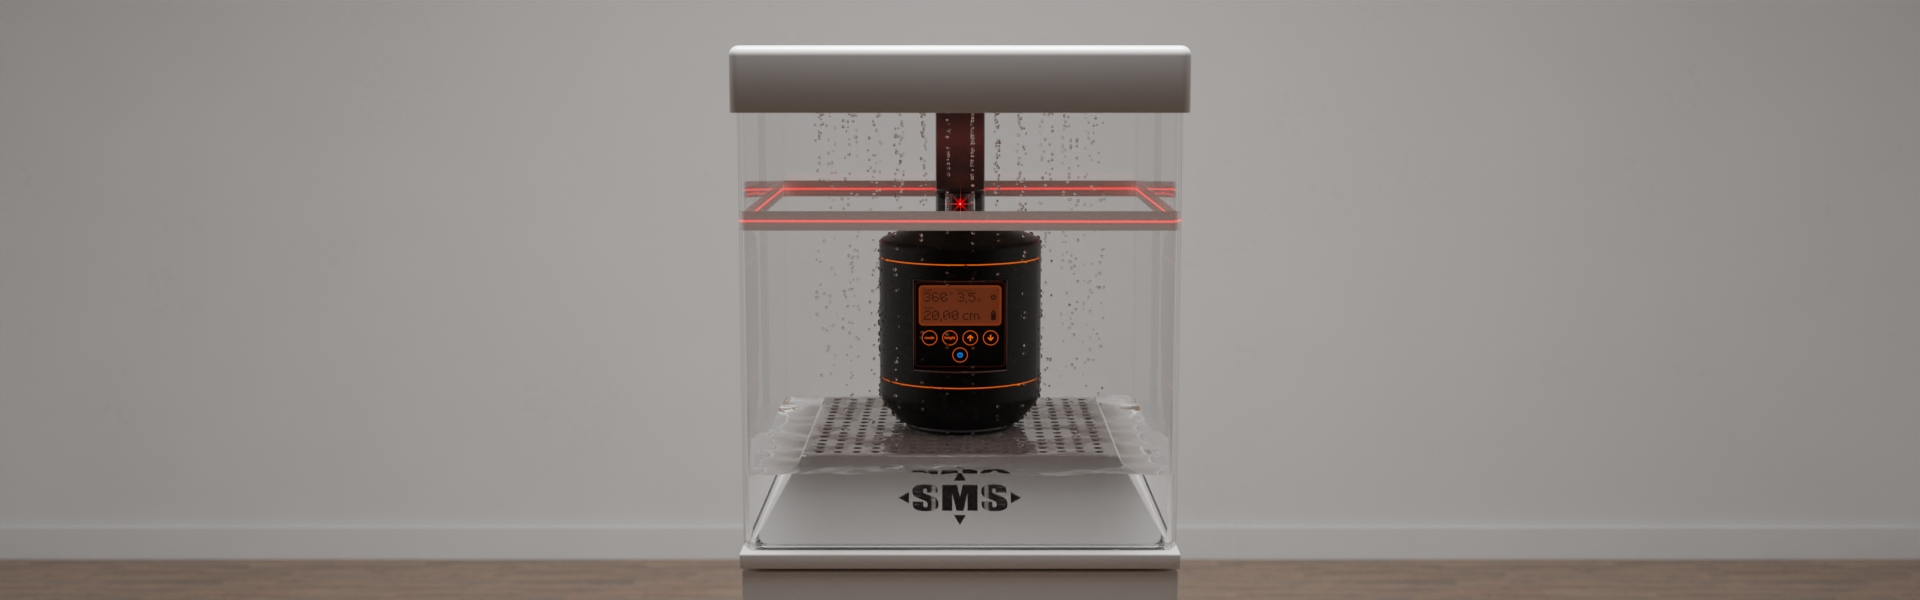 Sonderanfertigung eines funktionellen Displays für ein Laser-Meßgerät, Bild 1